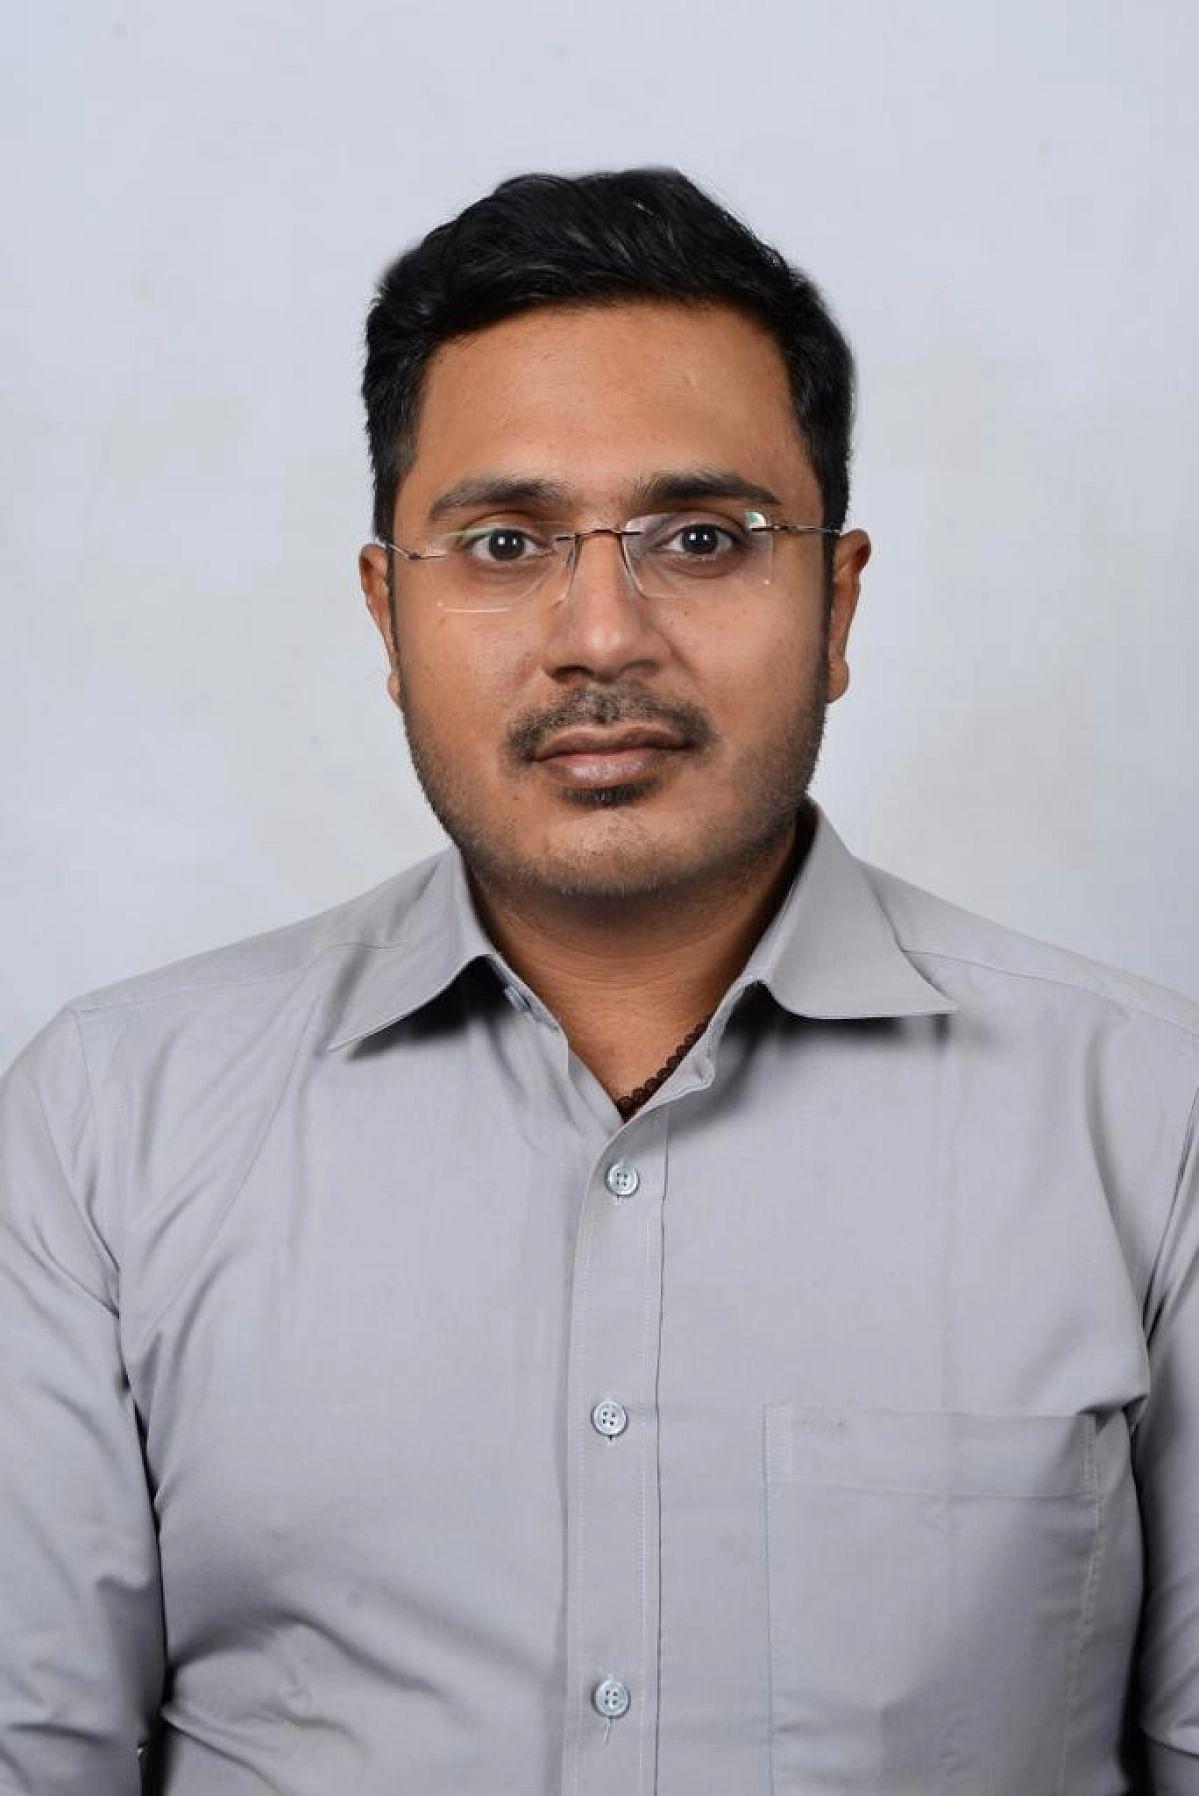 குழந்தைகள்நல மருத்துவர் வெங்கடேஷ்வரன்